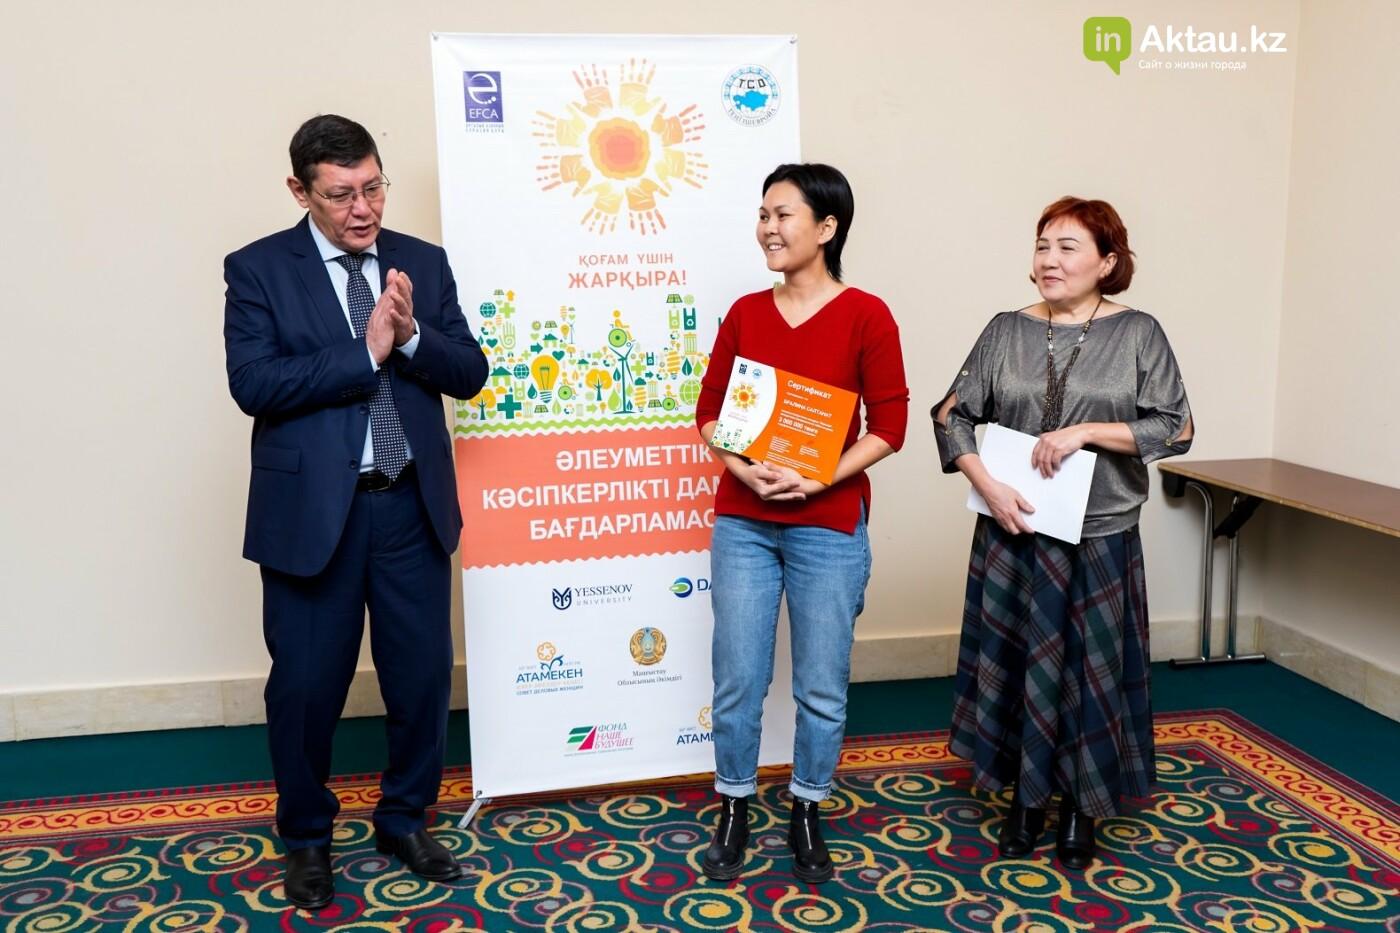 """В Актау откроется инклюзивный детский сад и кабинет """"Охраны зрения детей"""", фото-4"""